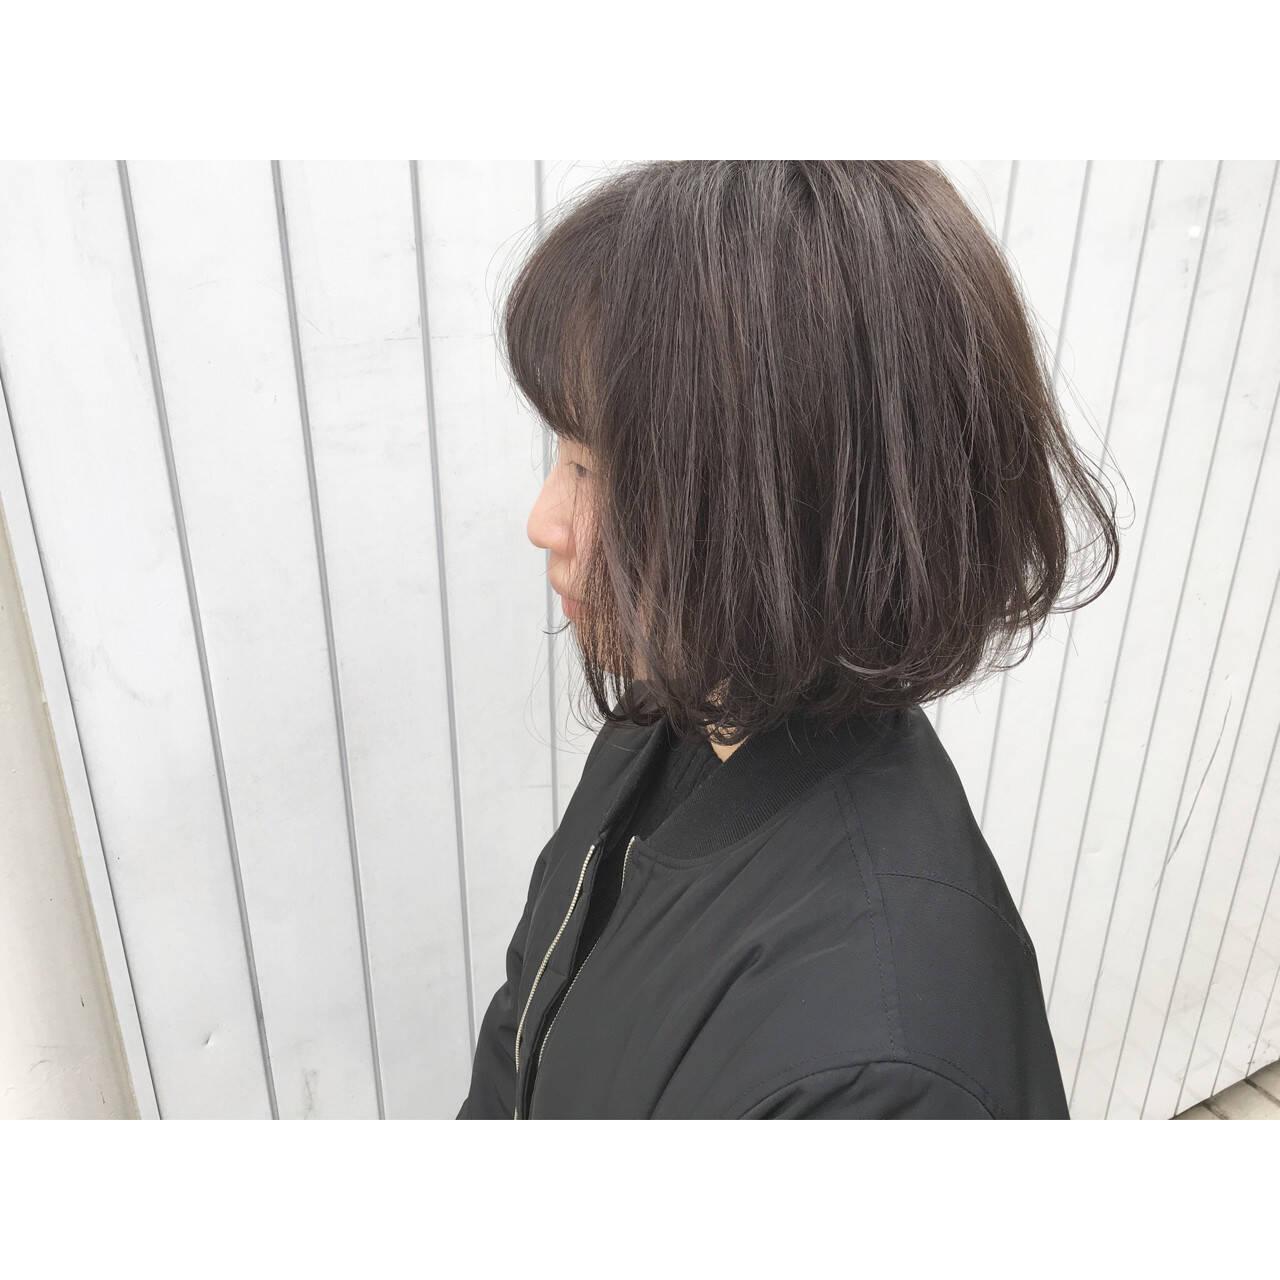 ボブ フェミニン ストリート 暗髪ヘアスタイルや髪型の写真・画像